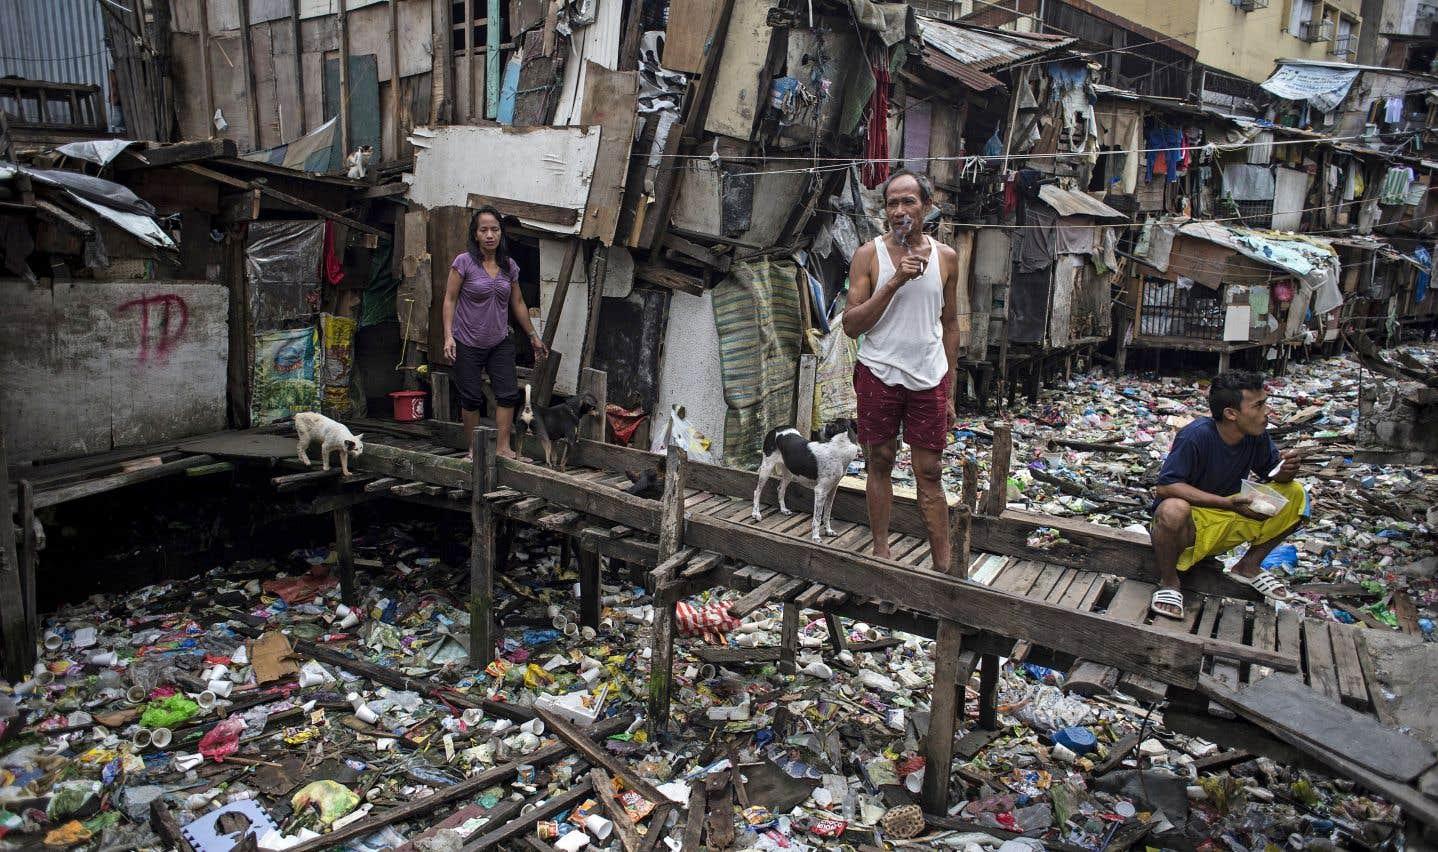 50% de l'humanité vit aujourd'hui en ville, bien que les espaces urbains soient particulièrement propices à la concentration de l'extrême pauvreté.